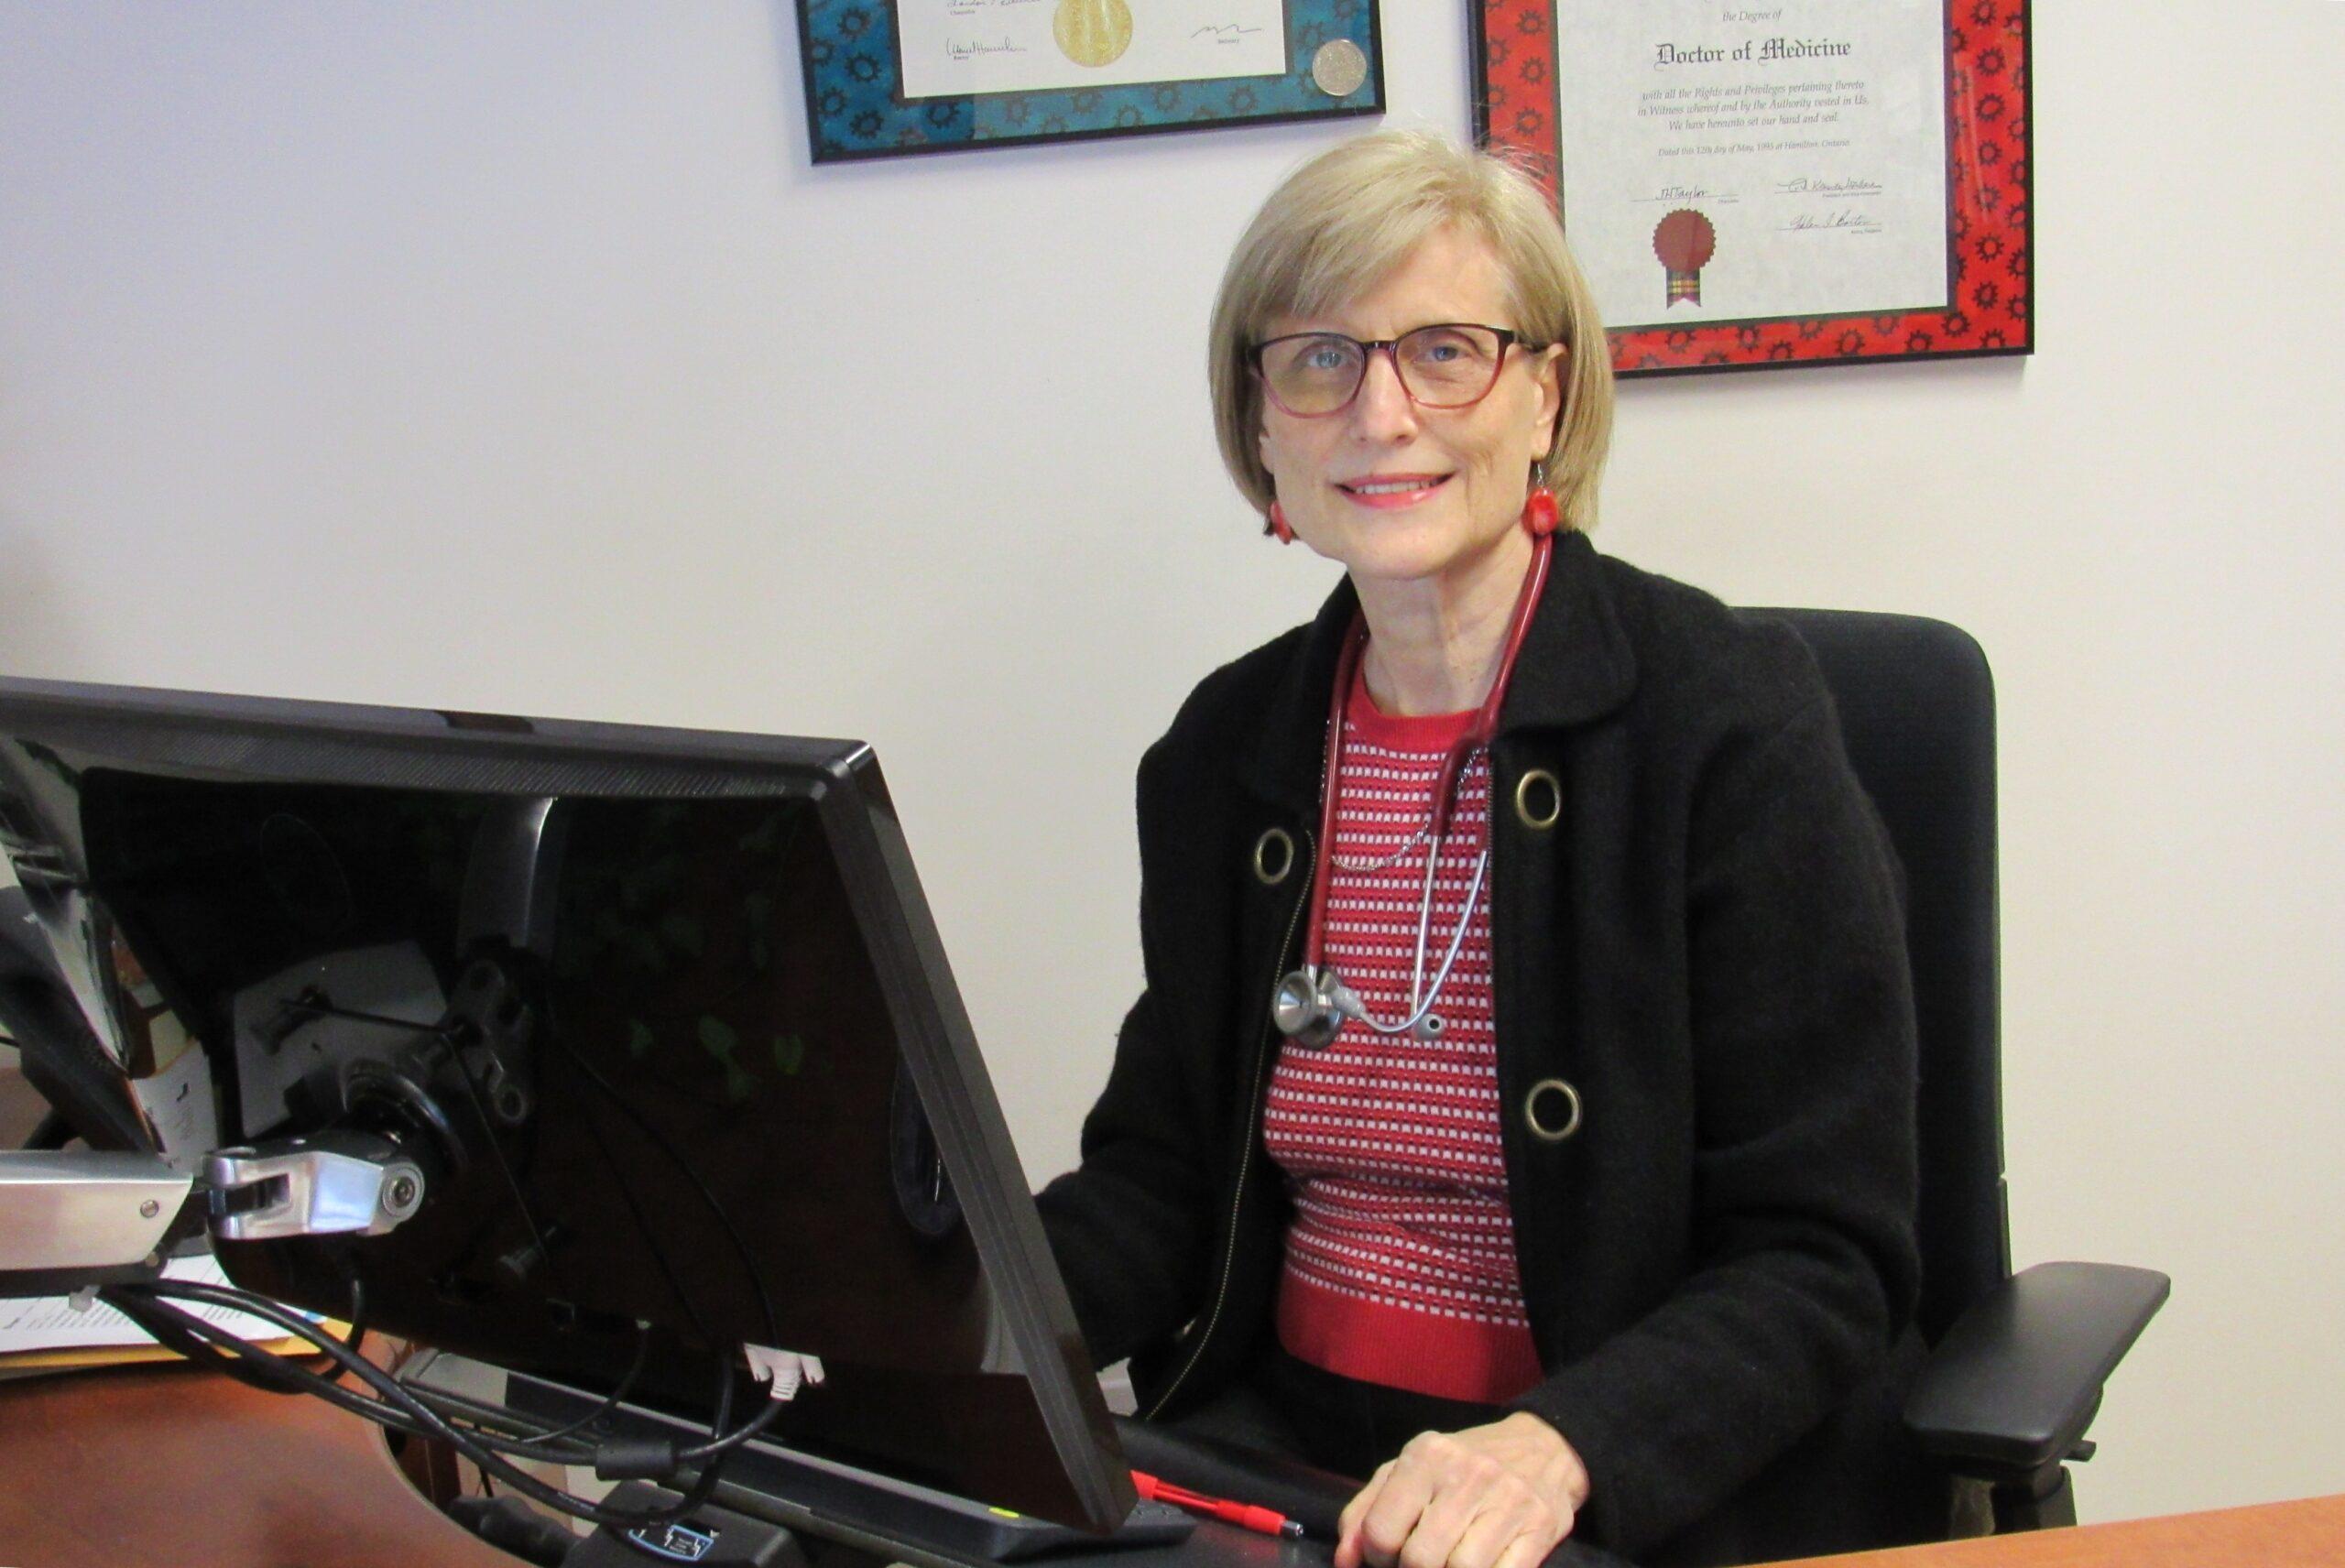 Dr. Elena Mihu at her desk smiling